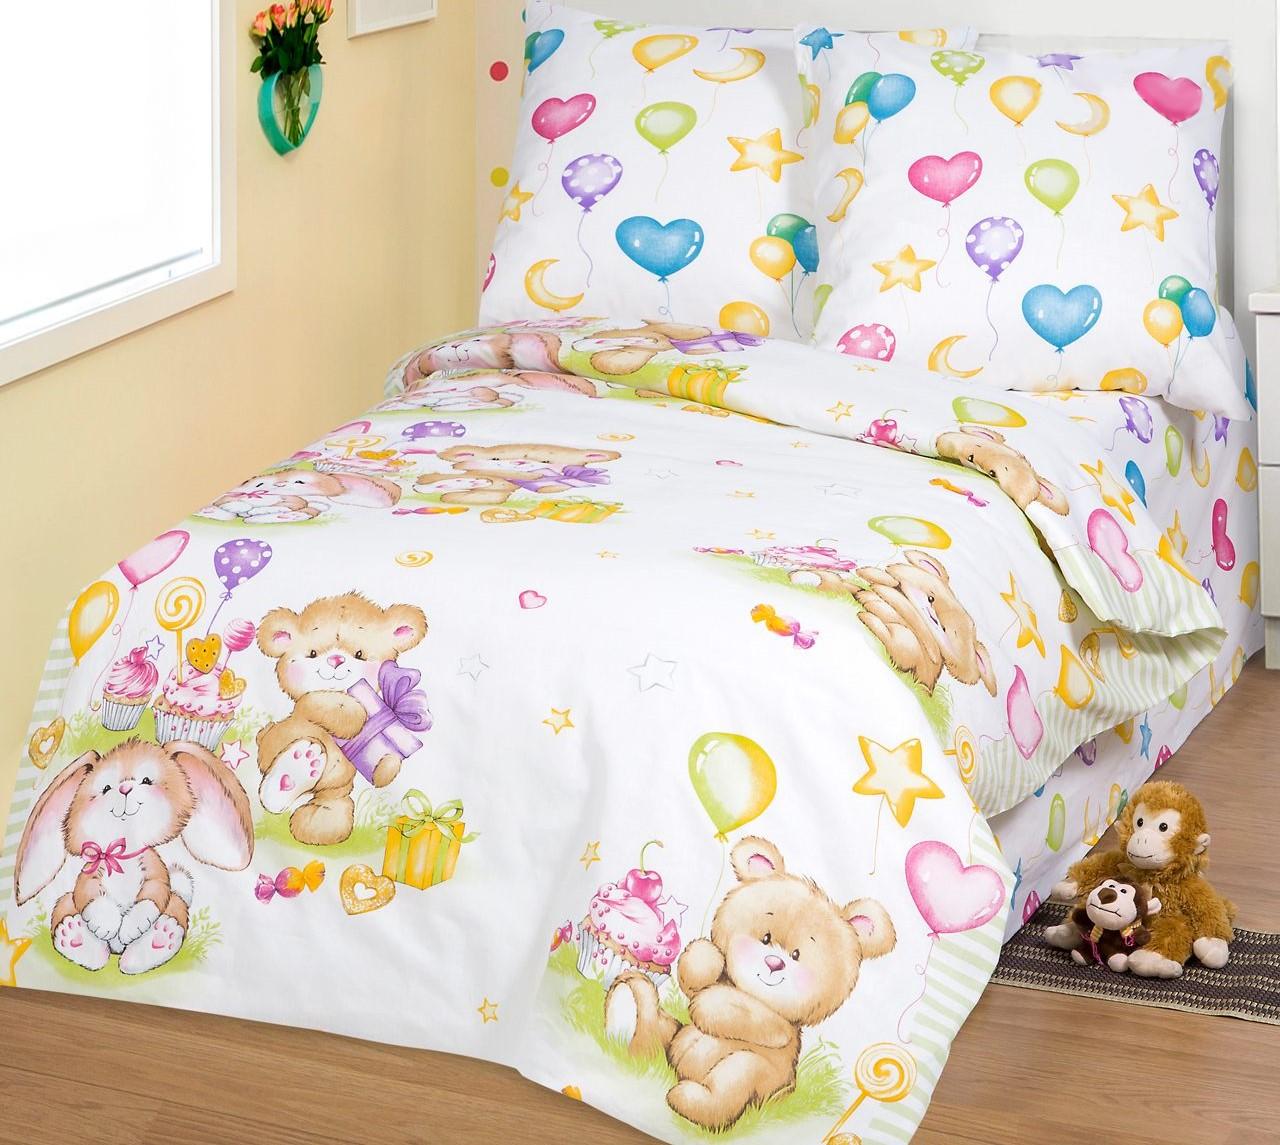 Купить Постельное белье АРТПОСТЕЛЬка Именины, Комплекты детского постельного белья